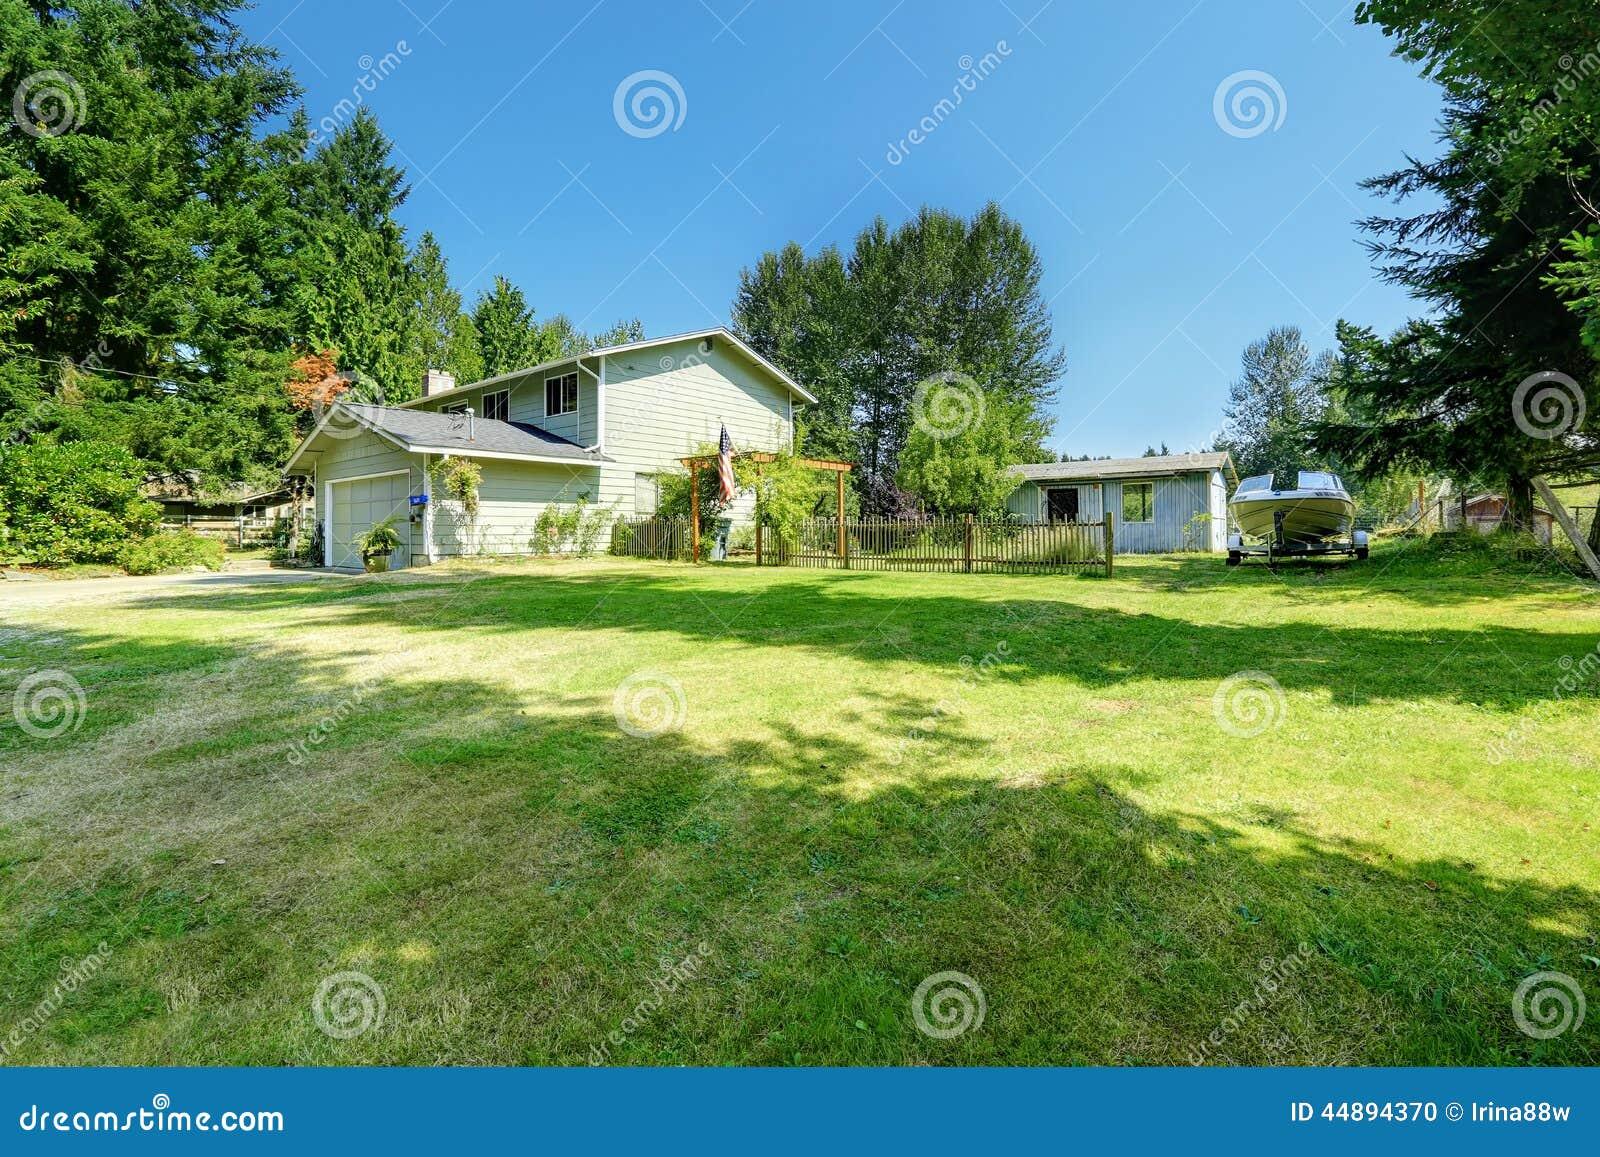 Immobilien der landschaft altes gro es haus mit gro em vorgarten stockfoto bild 44894370 for Grand jardin en friche